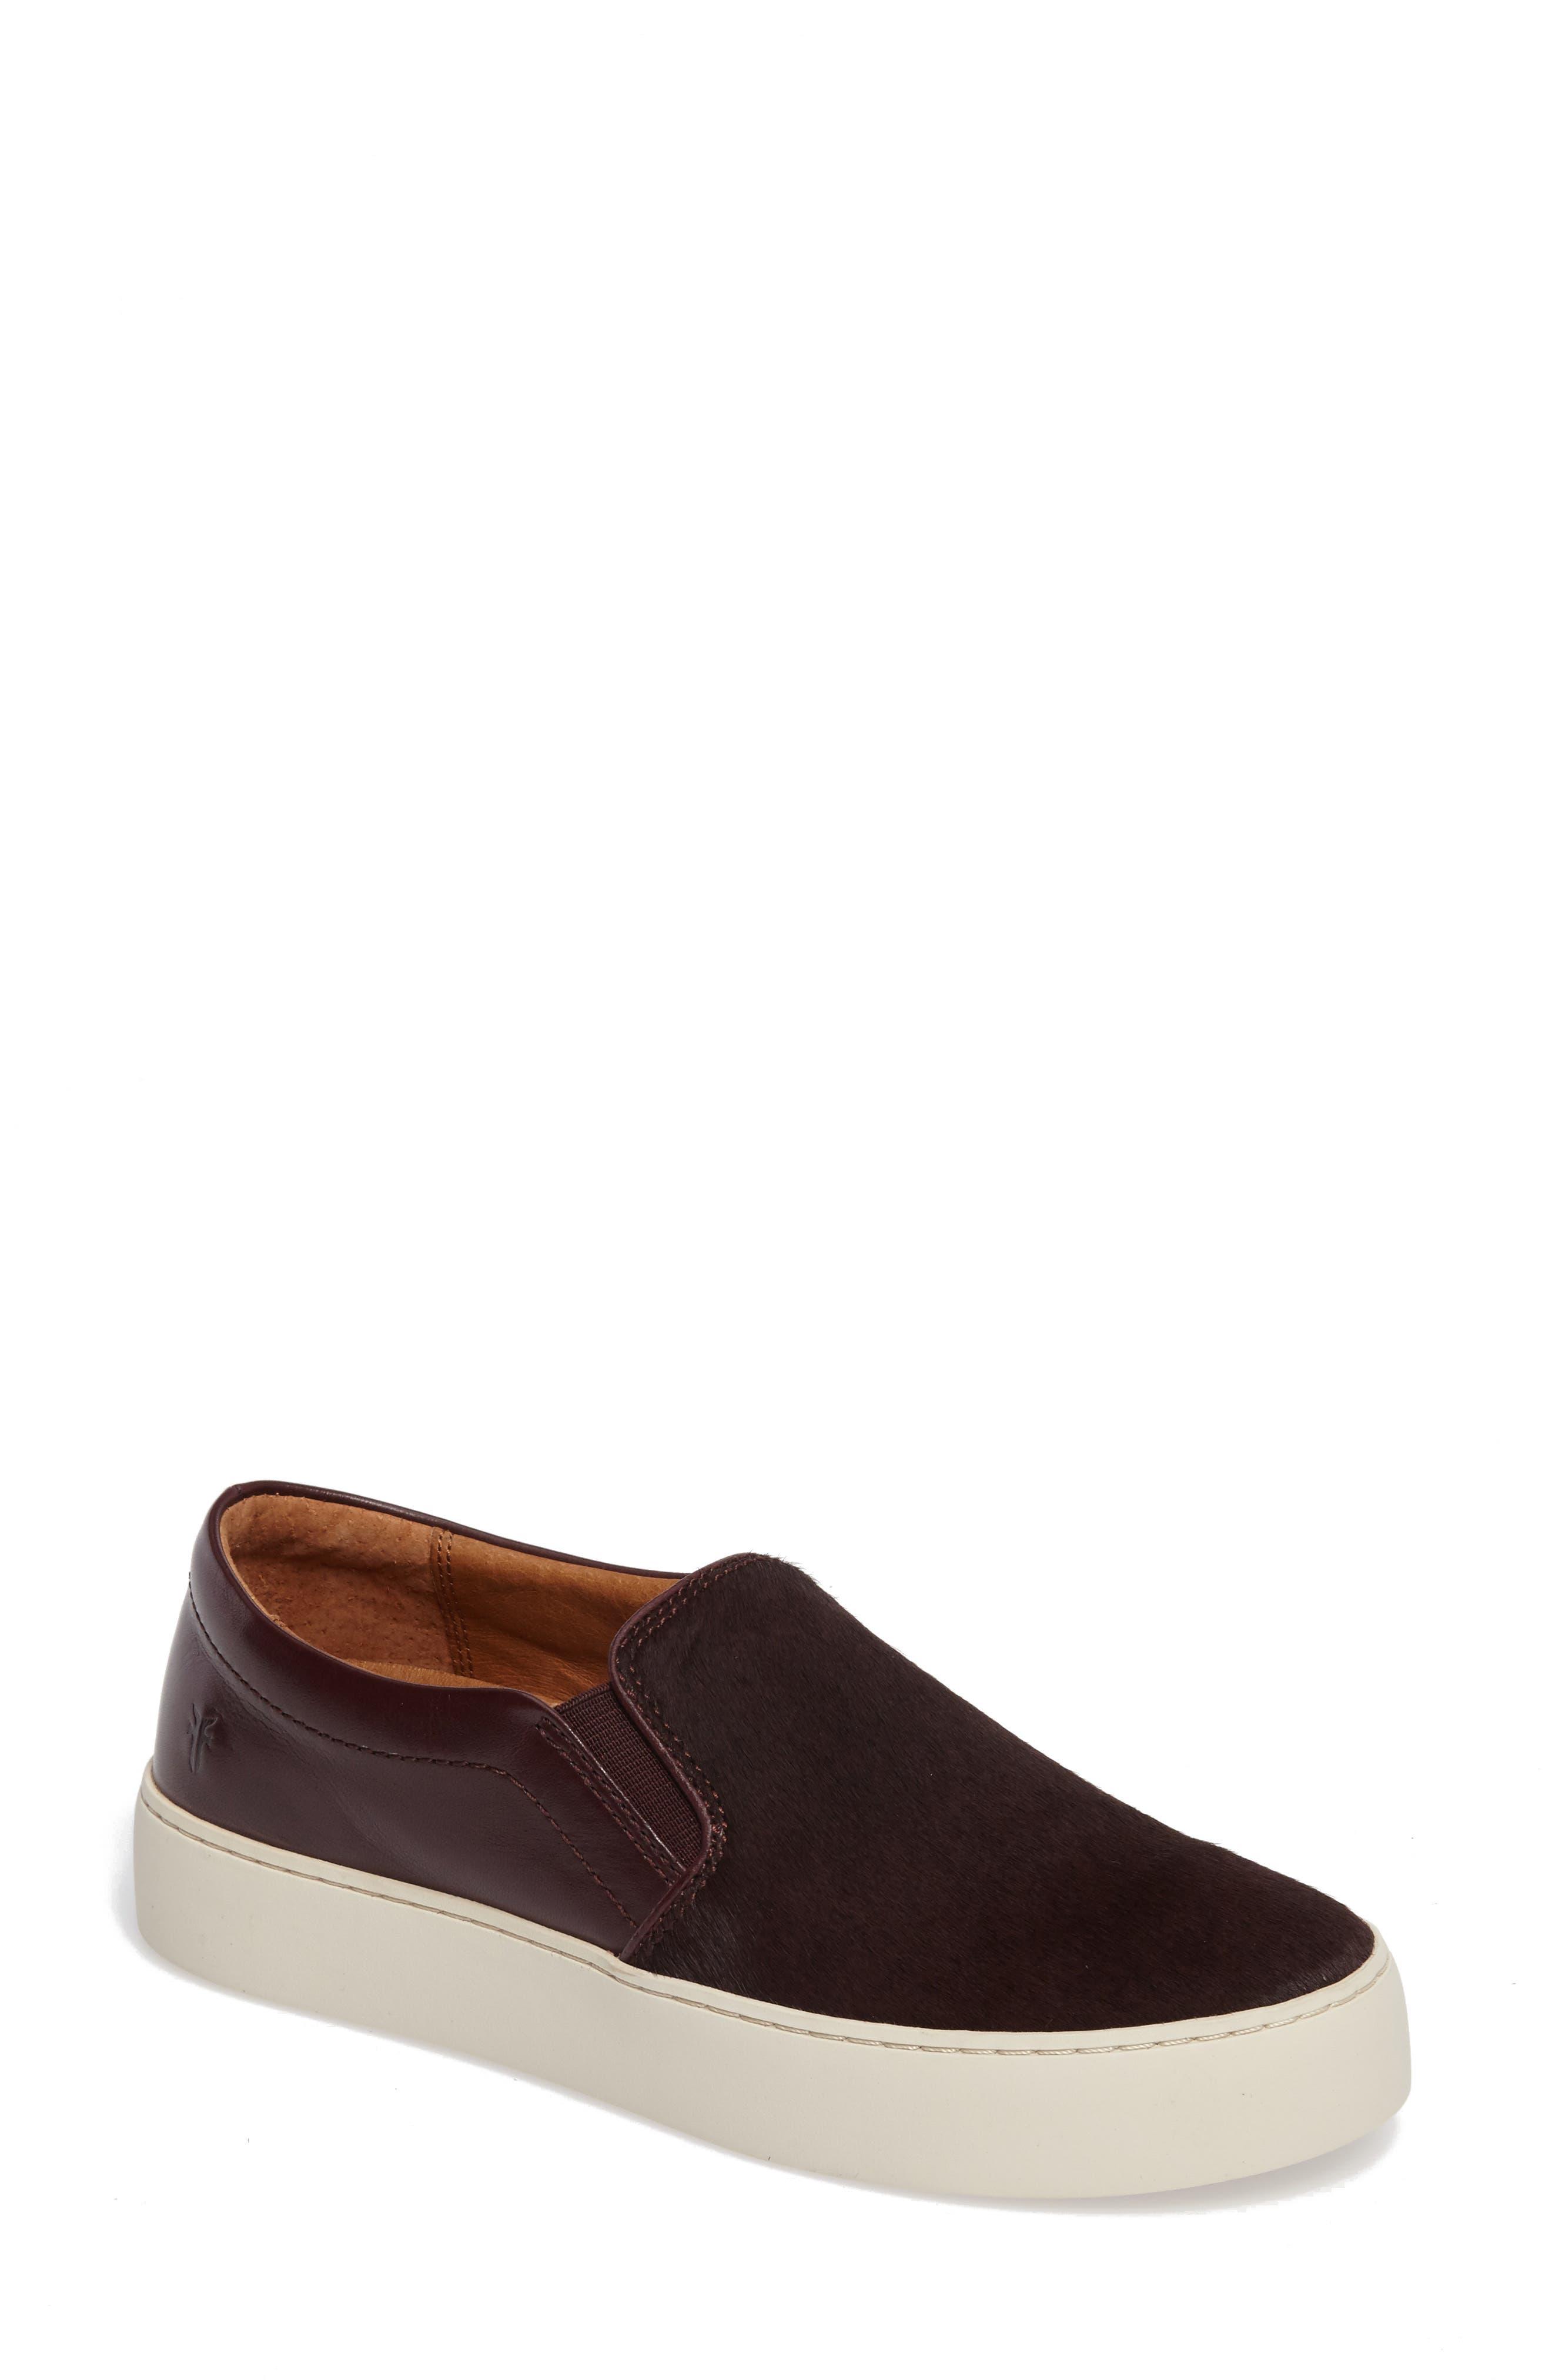 Frye Lena Genuine Calf Hair Slip-On Sneaker (Women)